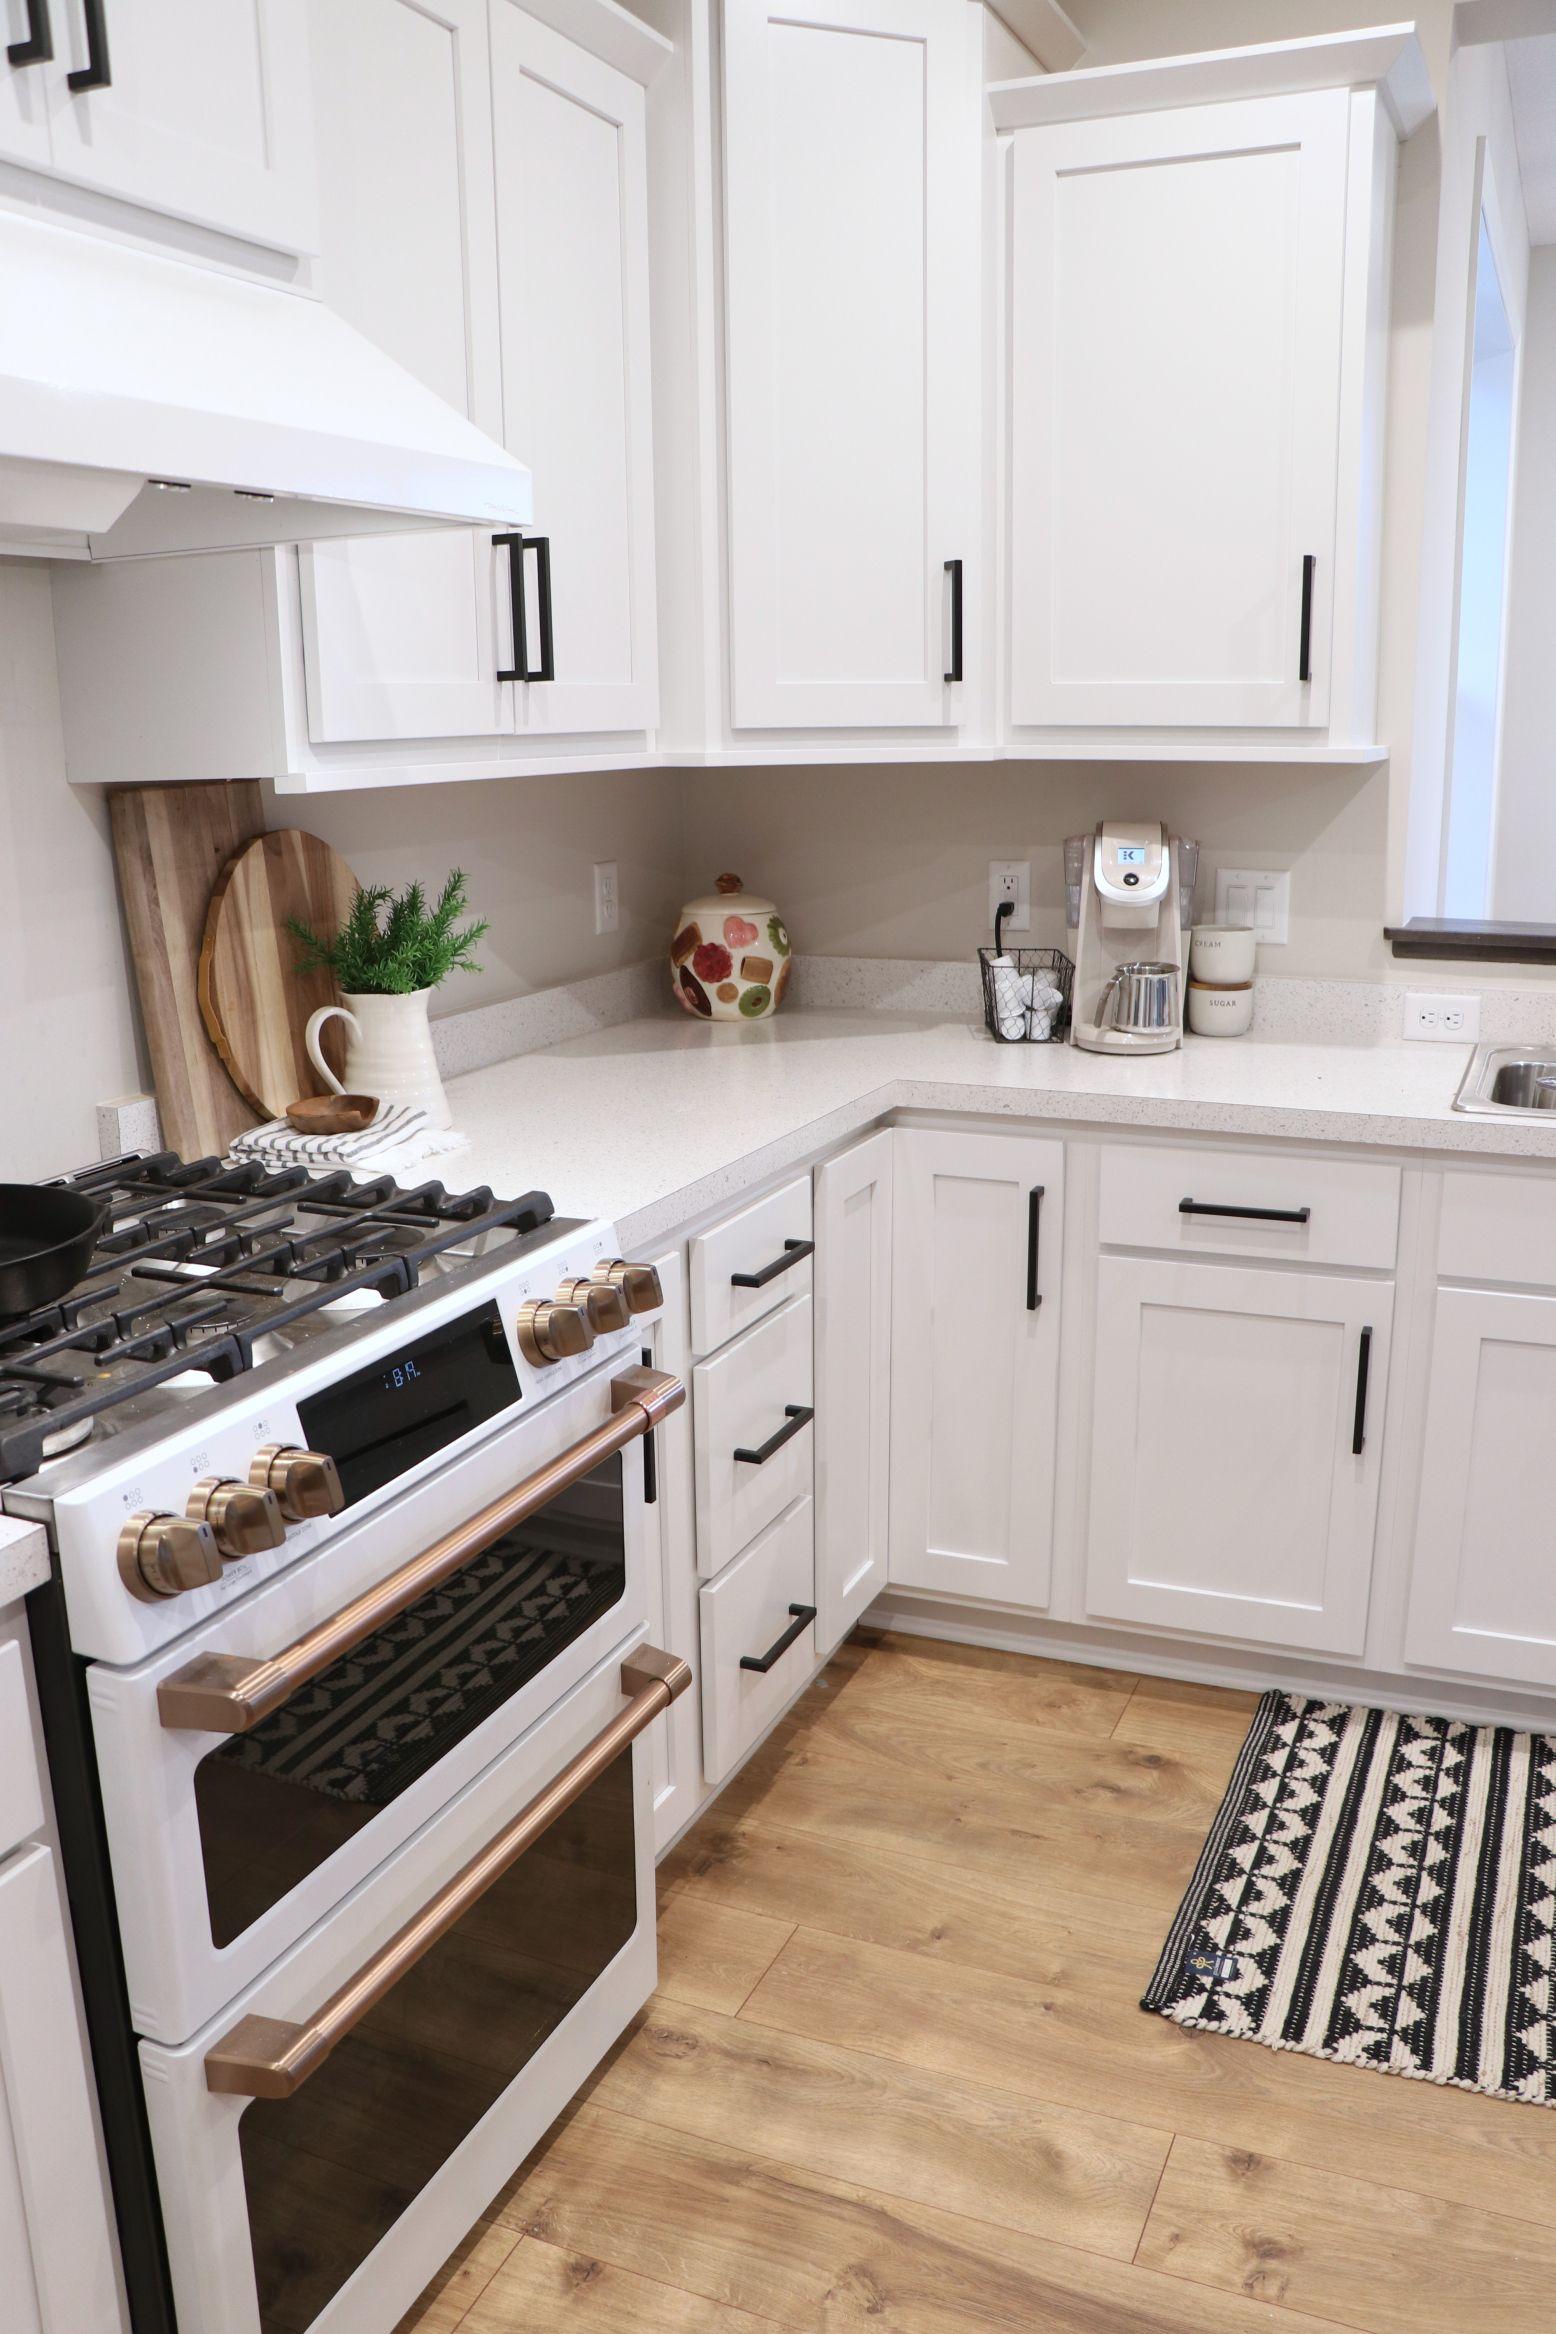 Diy Or Buy Cabinet Hardware White Kitchen Appliances Kitchen